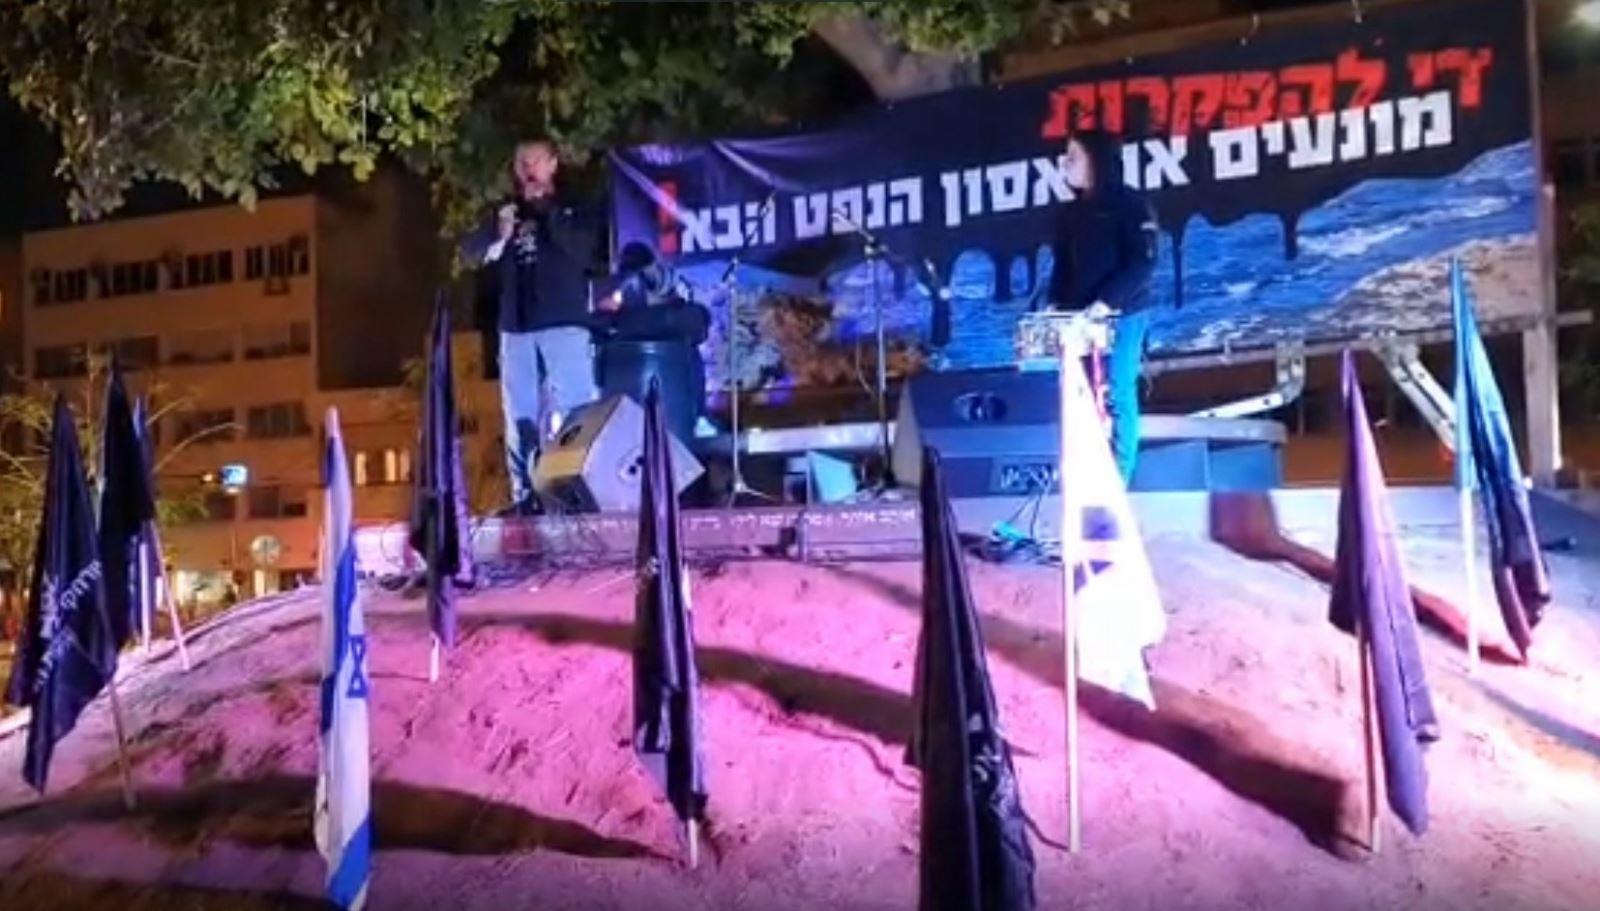 הפגנה נגד מיזם העברת הנפט של קצא''א מאילת לאשקלון אתמול בכיכר הבימה בתל אביב